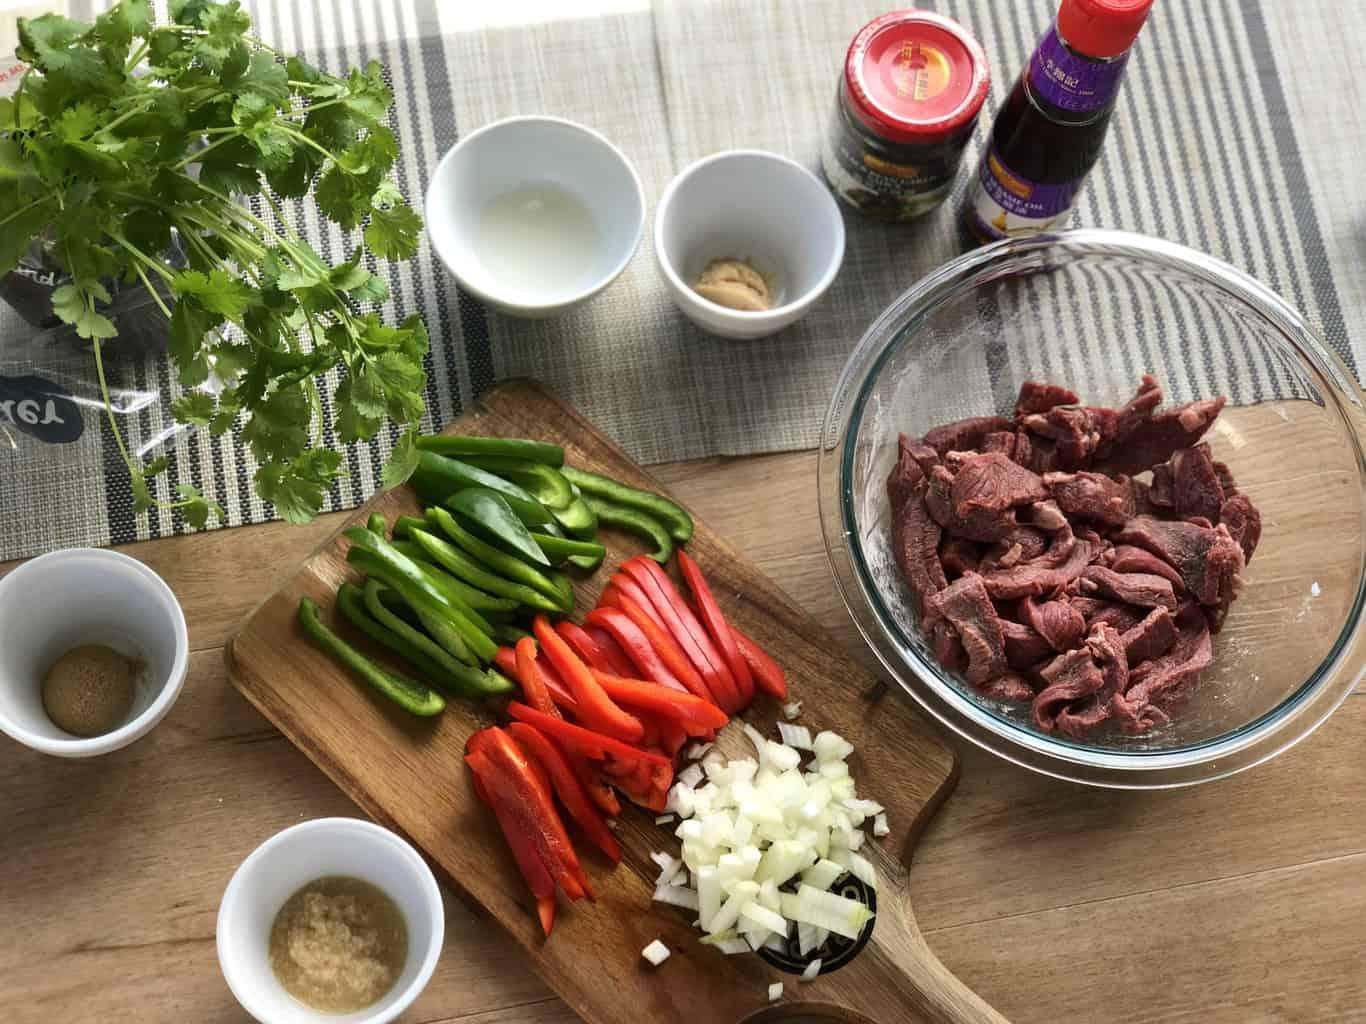 Prep for Stir Fry